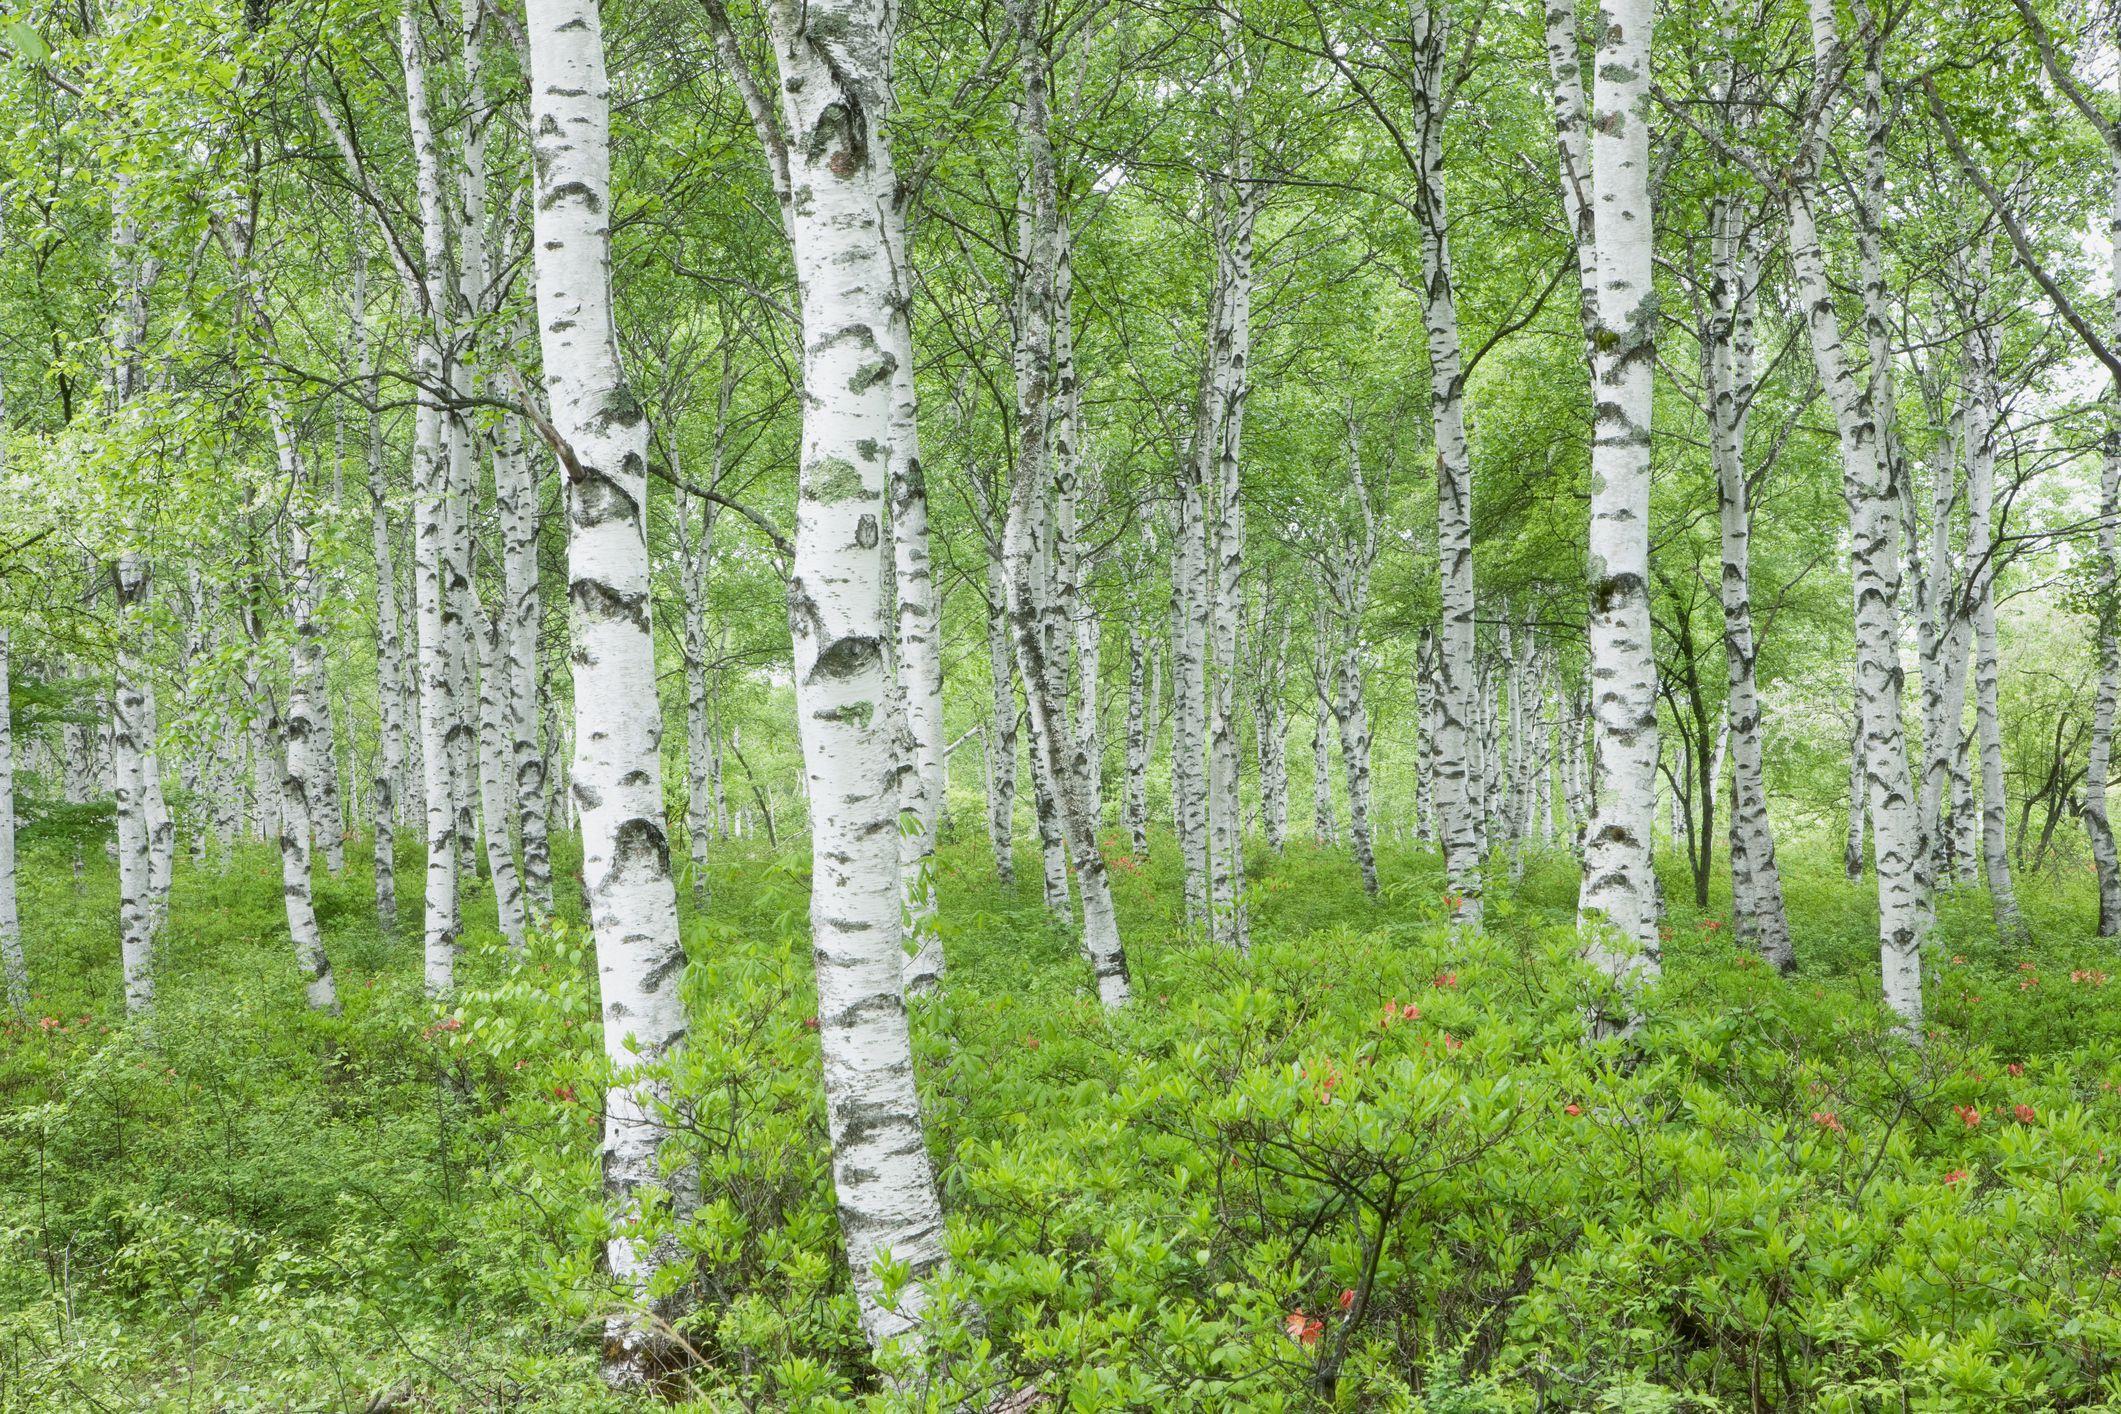 Meet 12 Species of Birch Trees - Betula Genus